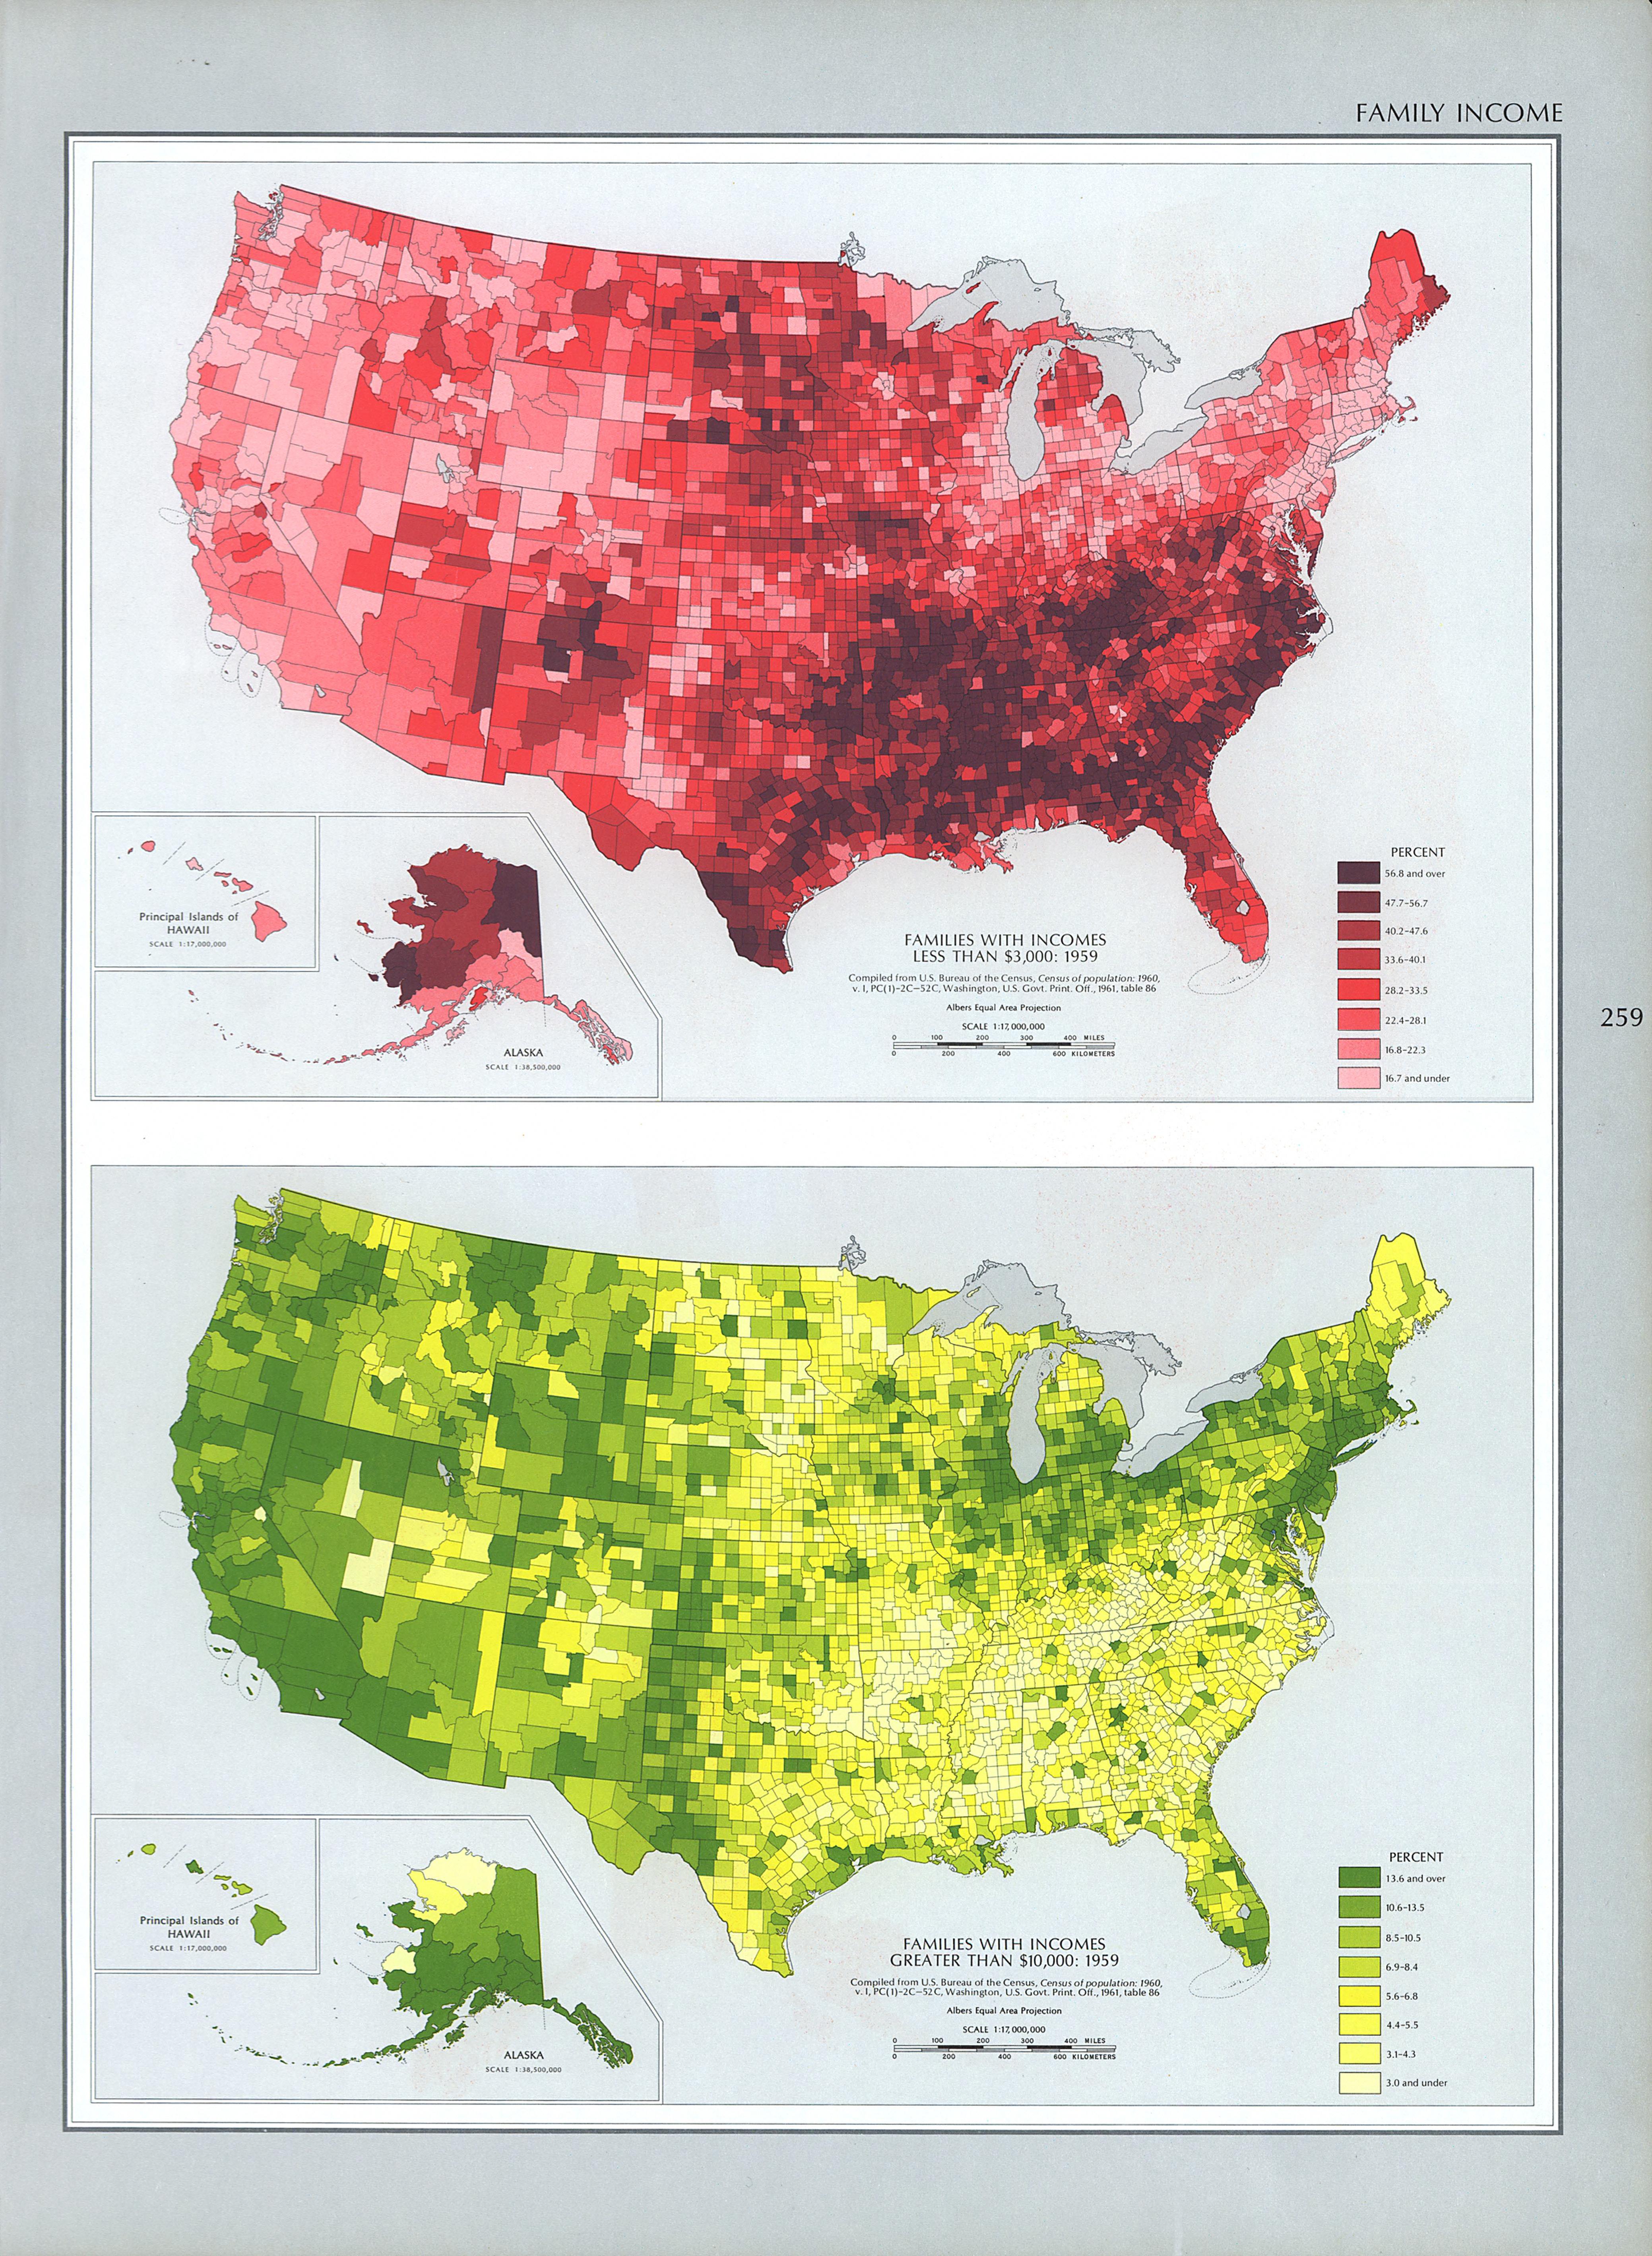 Mapa de Ingreso Familiar en Estados Unidos